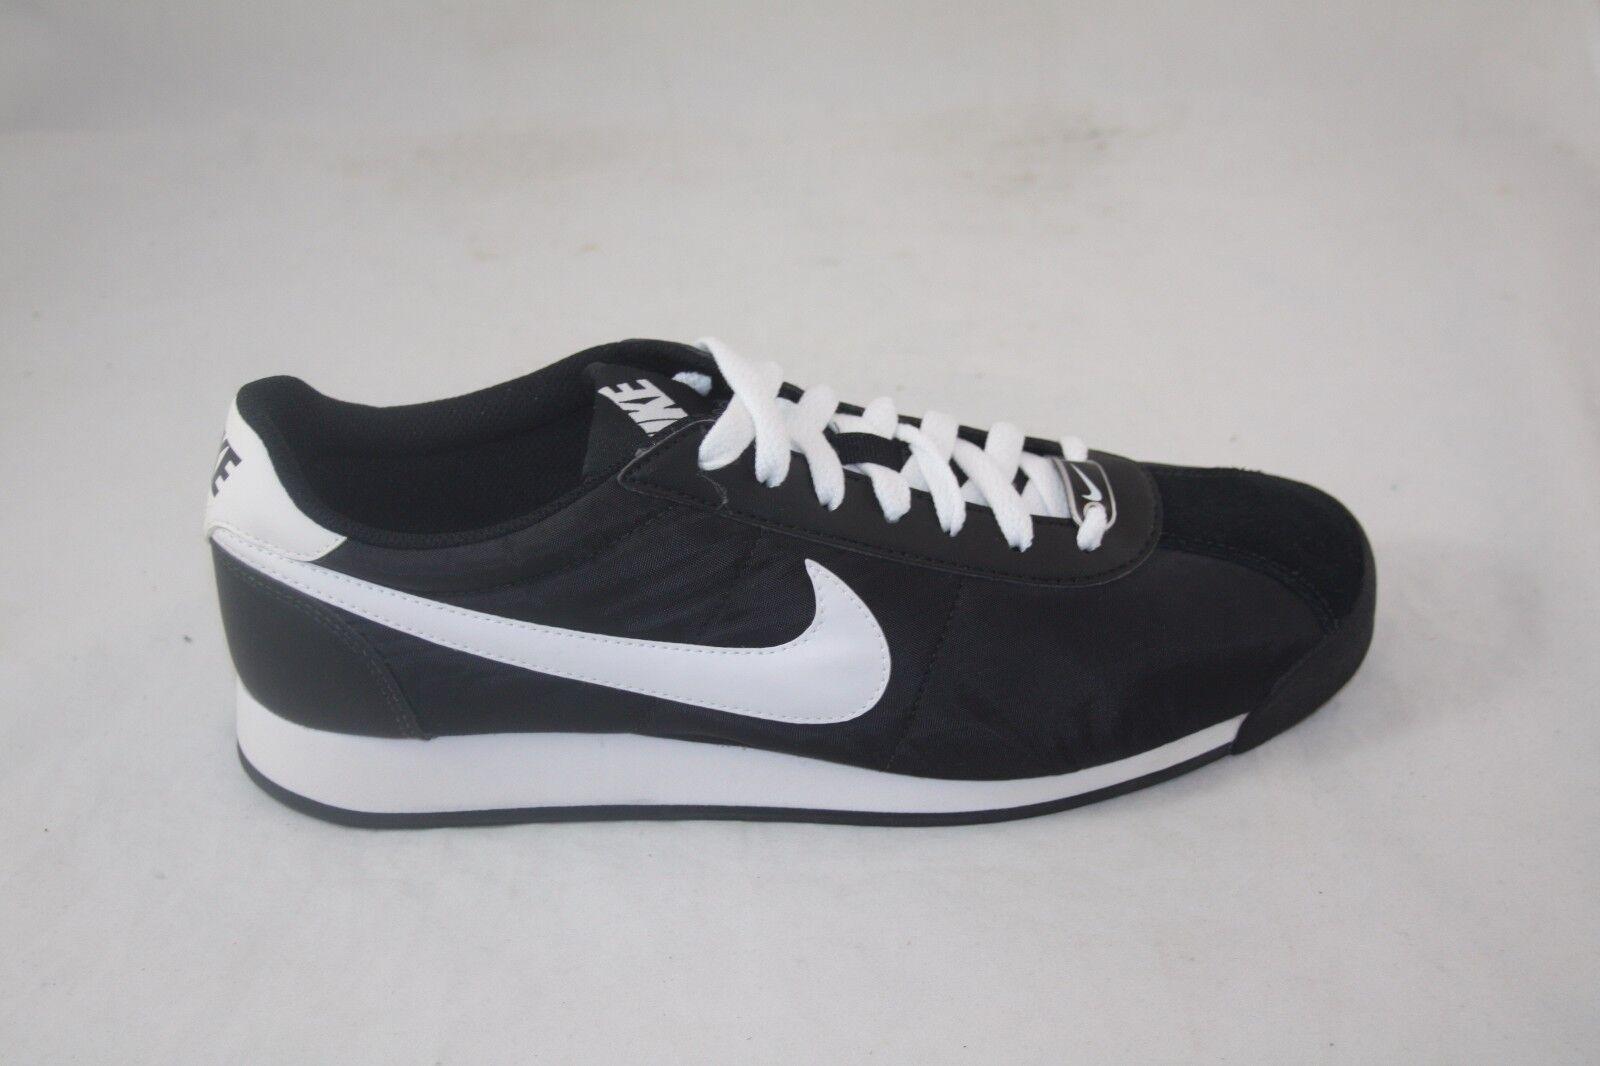 Männer - nike zelt txt 580536-010 segel schwarz / weiß - segel 580536-010 - leichtes gewicht sneaker daa531